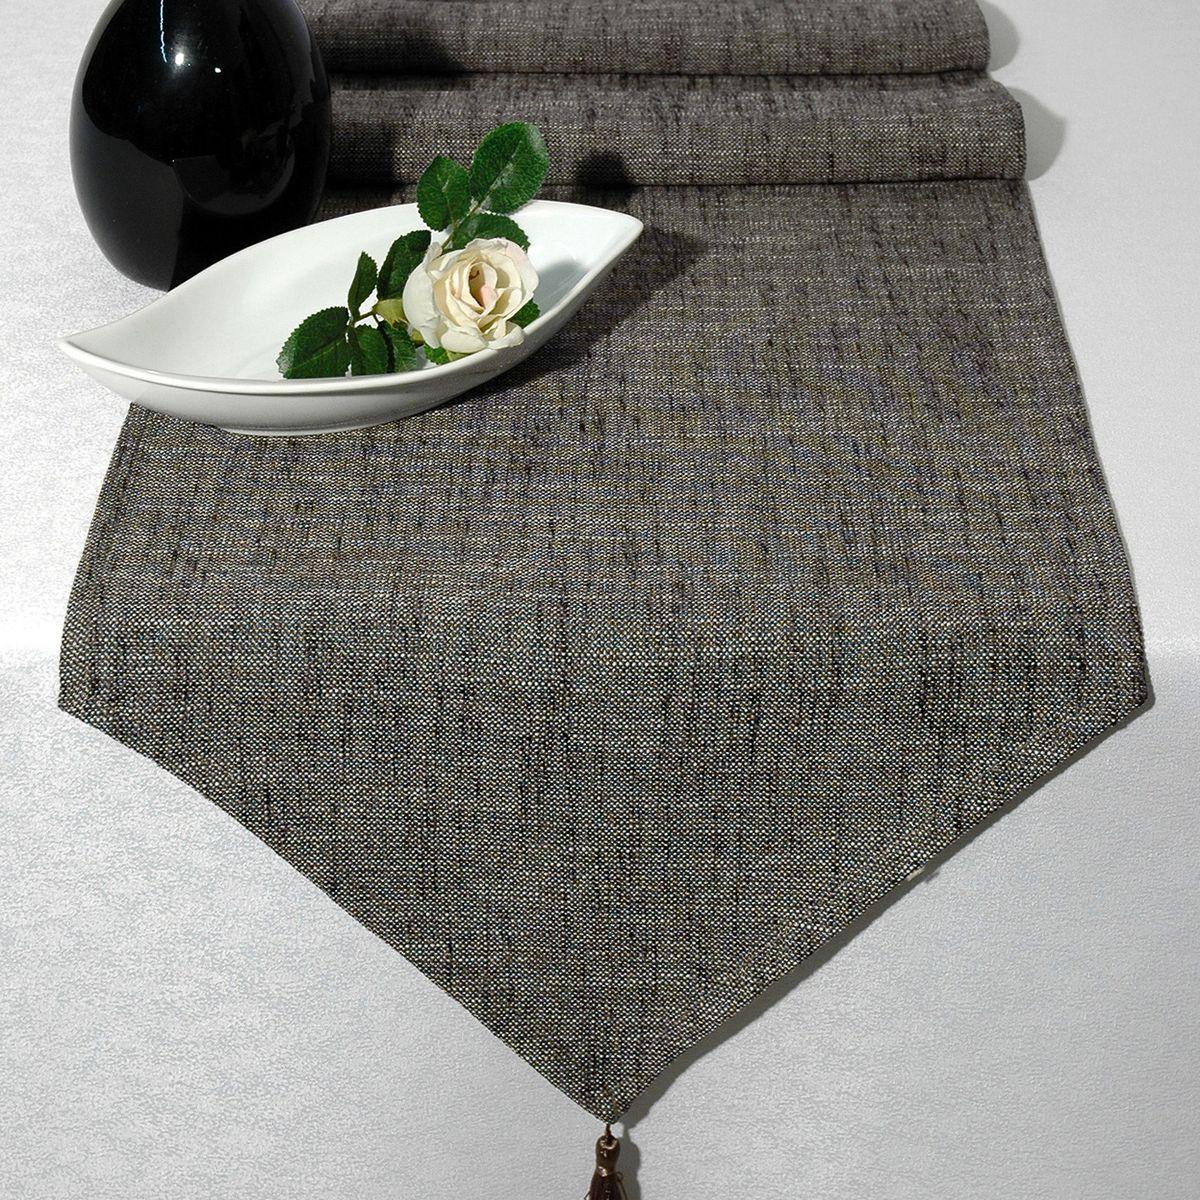 Дорожка для декорирования стола Schaefer, 40 x 160 см, цвет: серый. 06750-254VT-1520(SR)Дорожка для декорирования стола Schaefer может быть использована, как основной элемент, так и дополнение для создания уюта и романтического настроения вечер.Дорожка выполнена из полиэстера и акрила. Изделие легко стирать: не мнется, не садится и быстро сохнет, более долговечно, чем изделие из натуральных волокон.Материал: полиэстер, акрил Размер: 40 x 160 см.